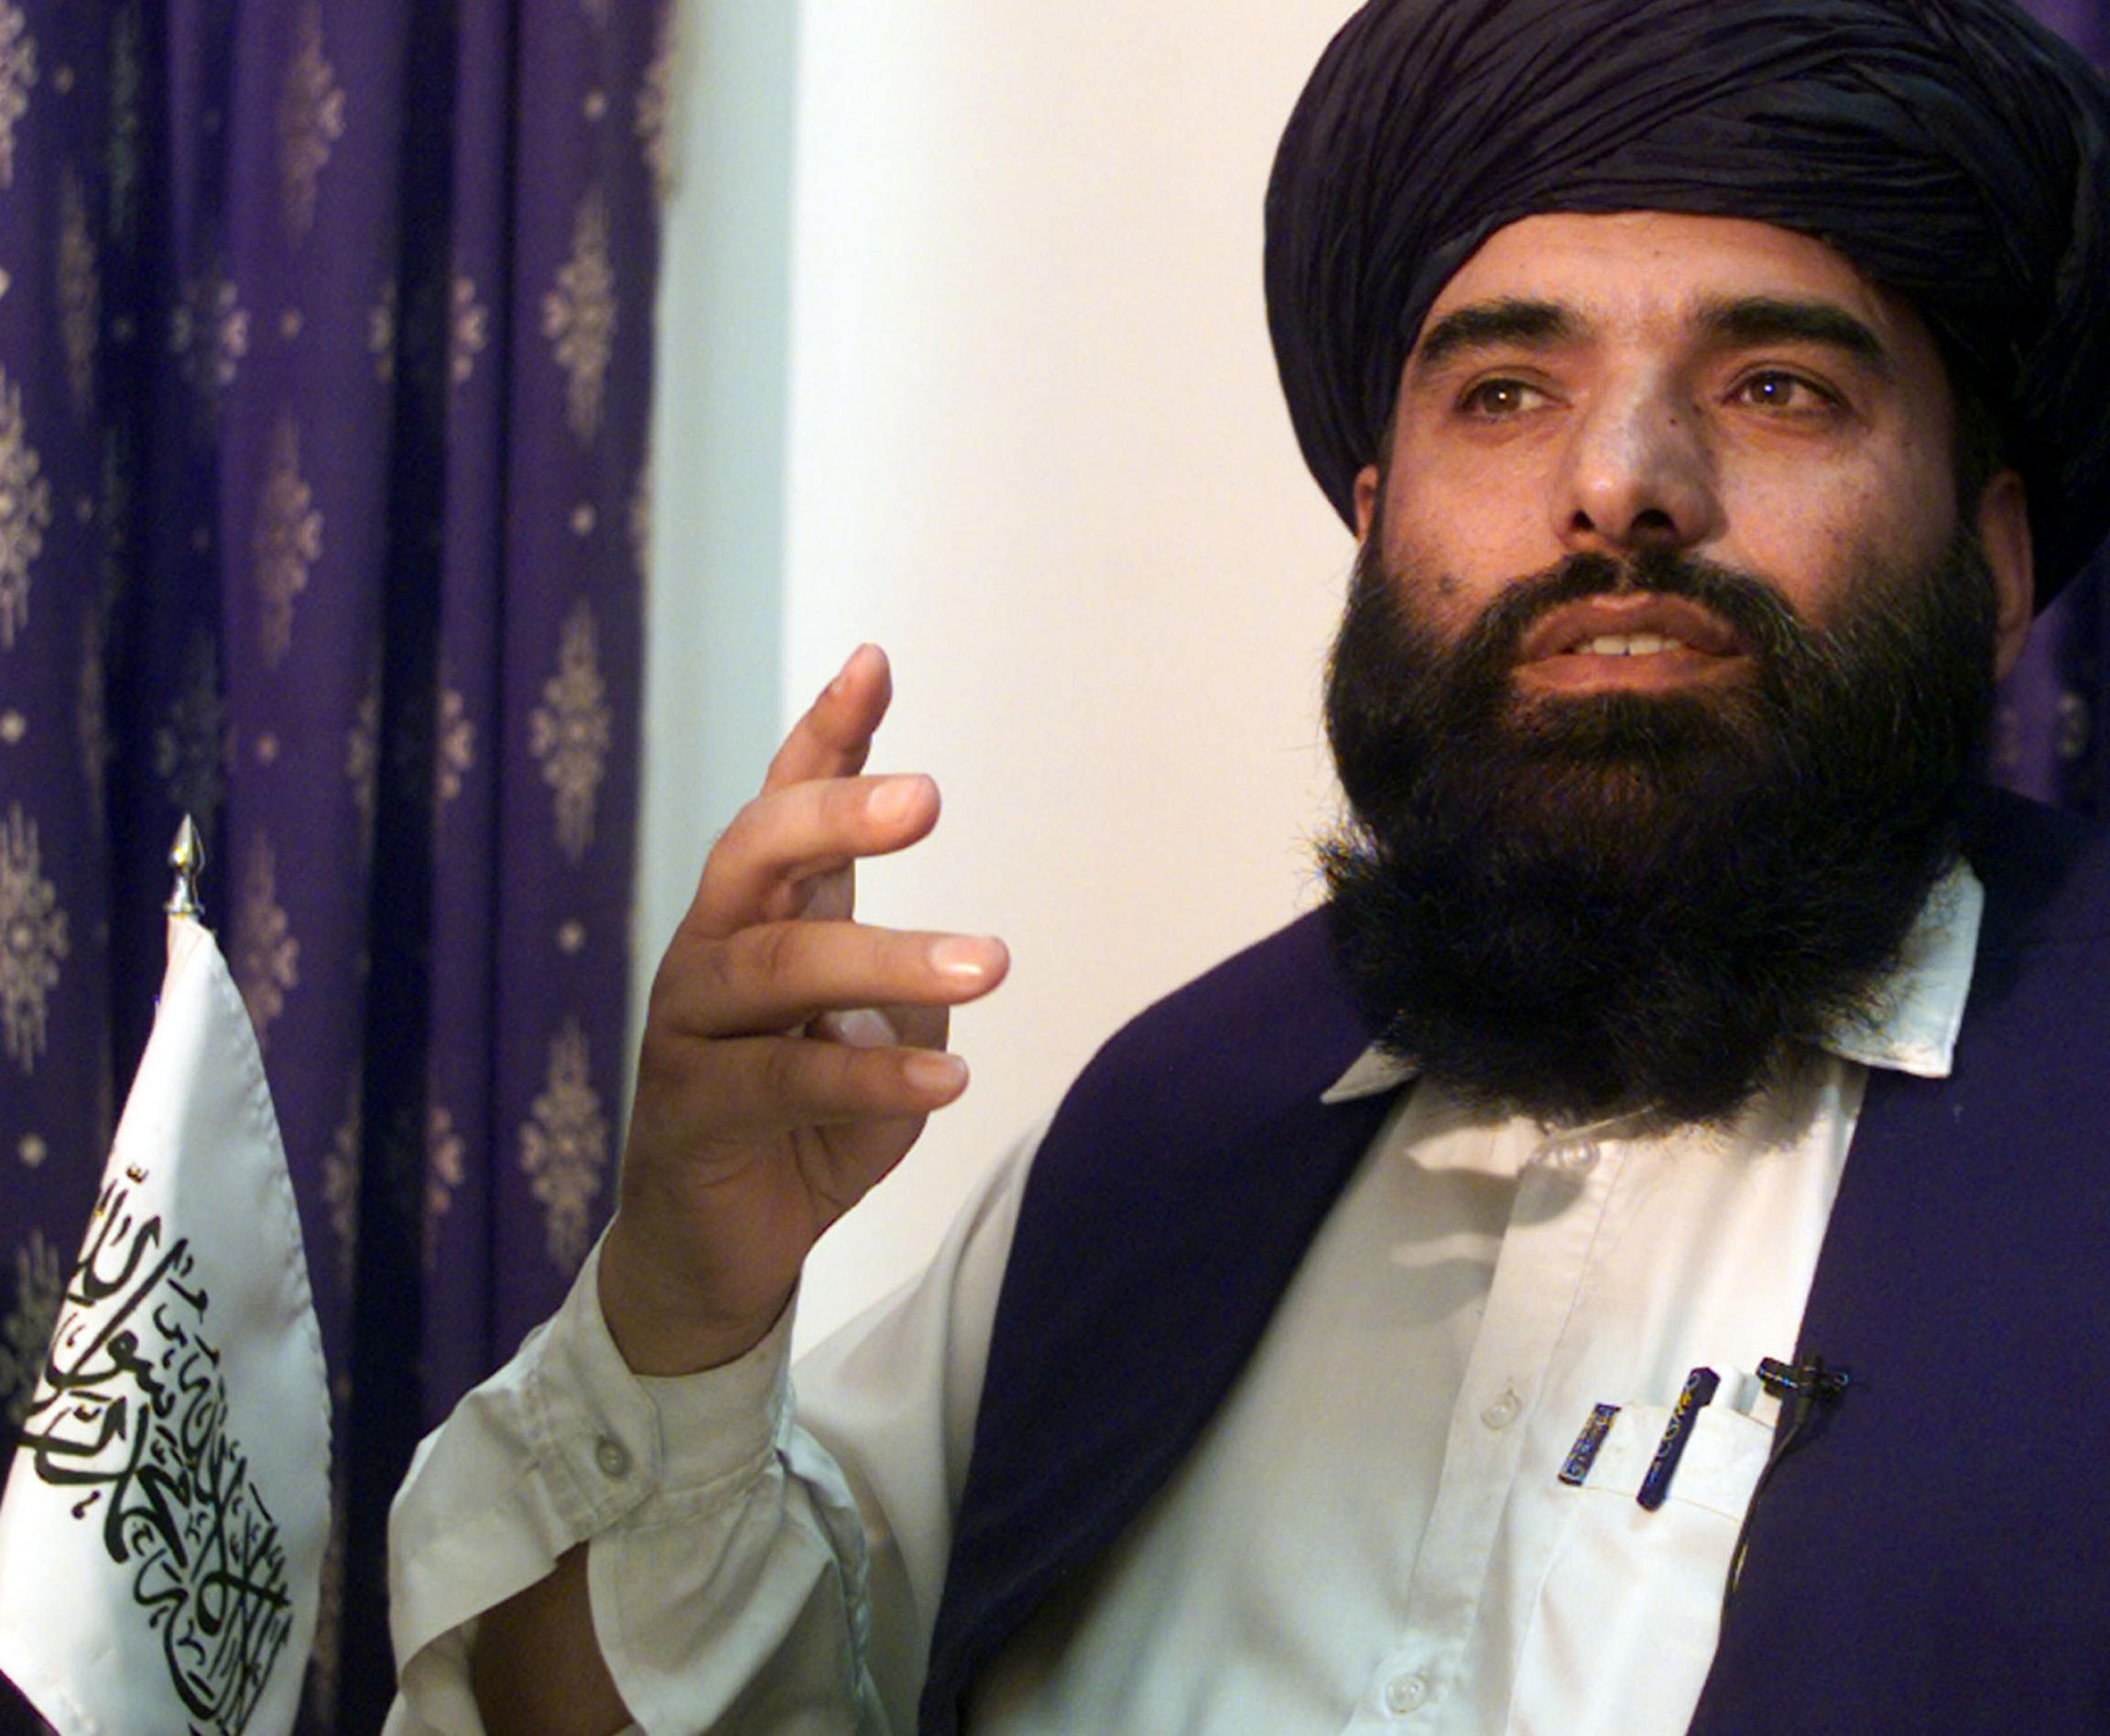 Sohail Shaheenin Islamabad, Pakistan in August 8, 2001.